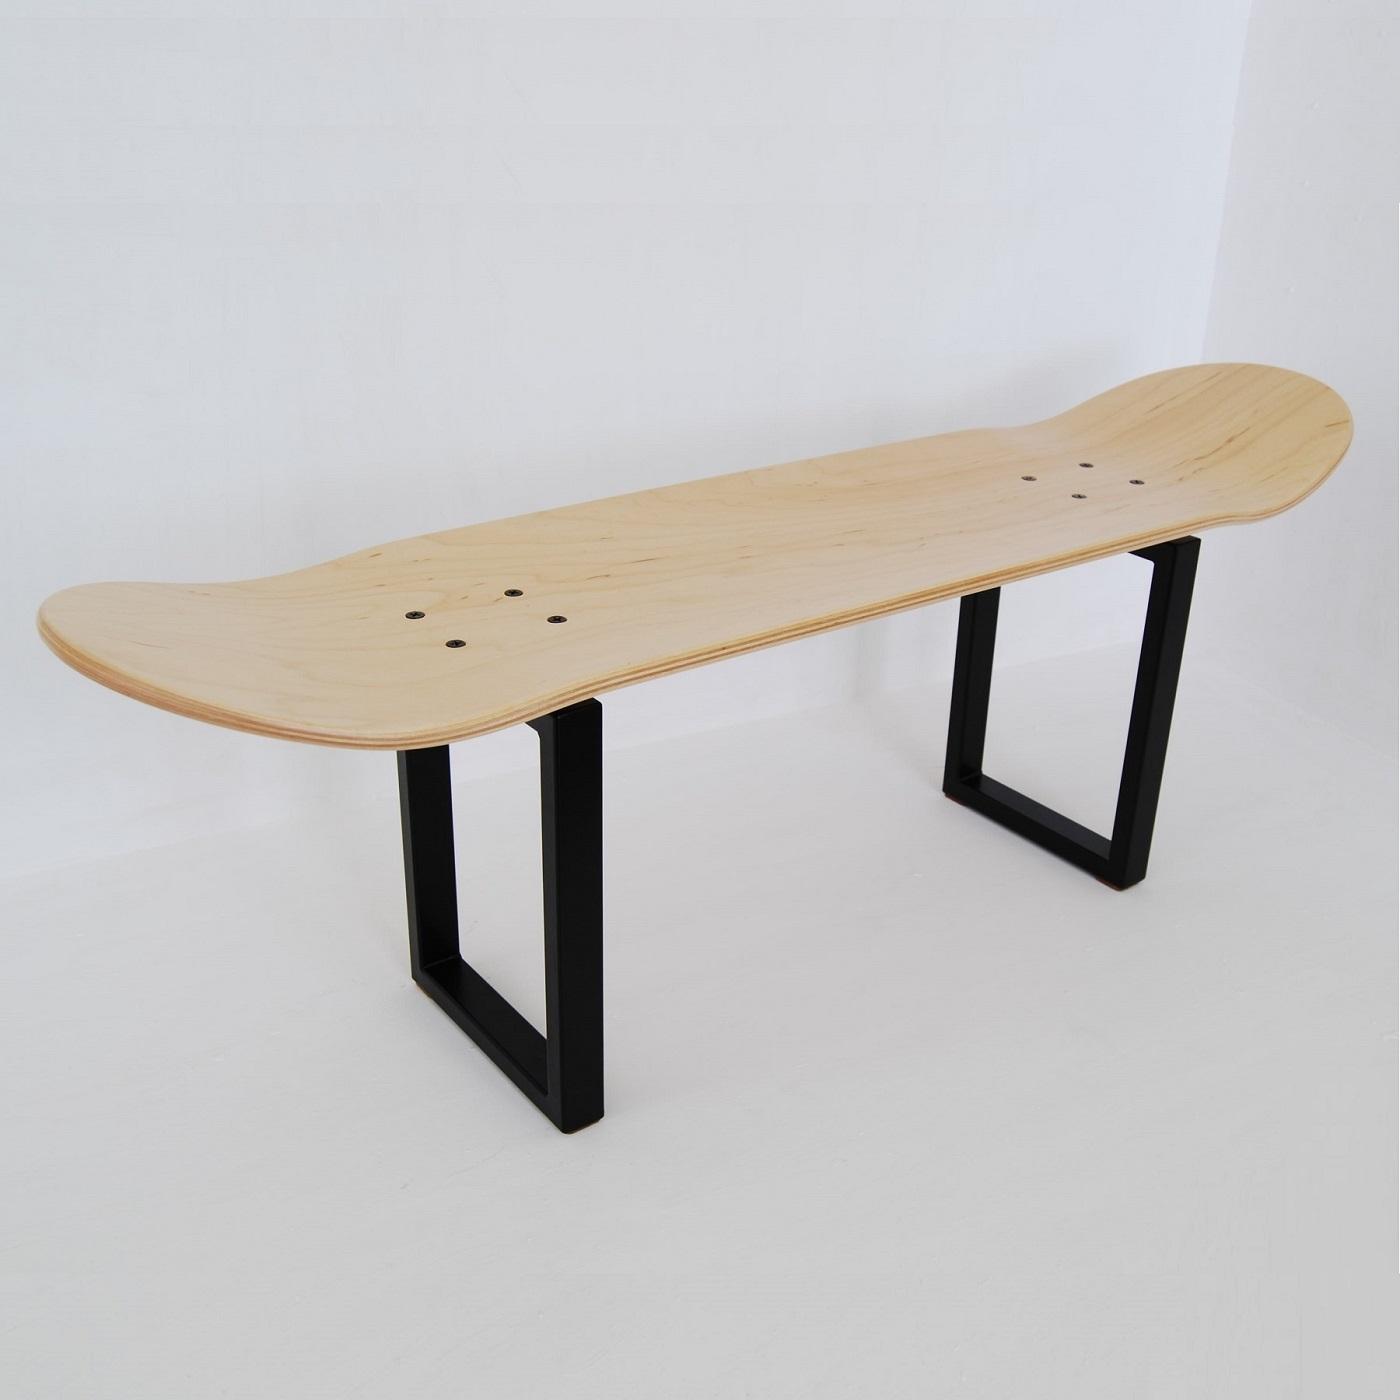 skater weihnachten gift skateboard deck hocker beine couchtisch - Skateboard Bank Beine